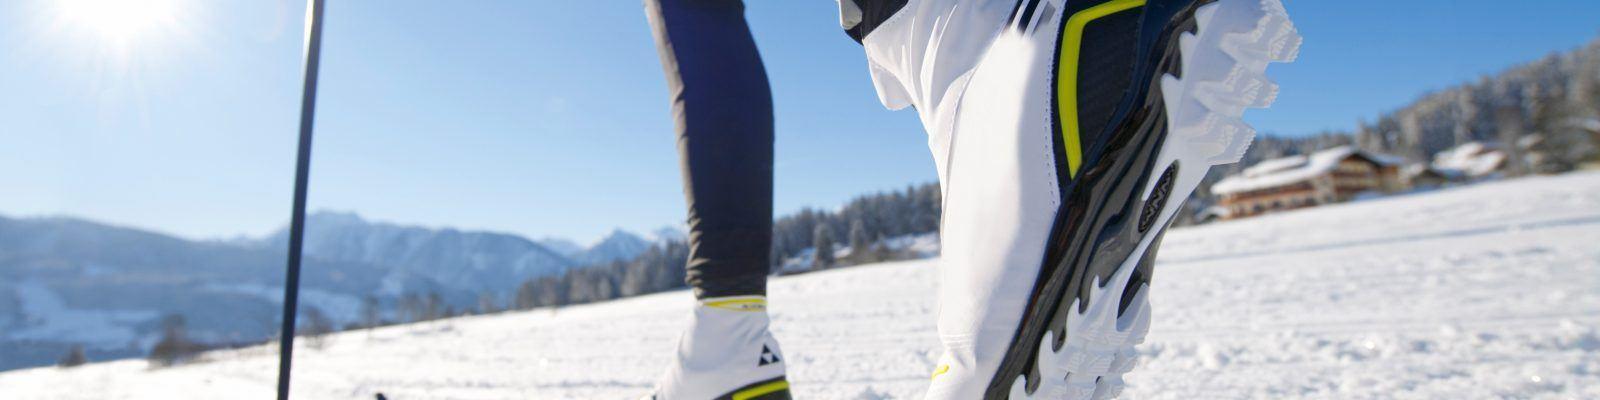 ski de fond : quels vêtements choisir ?